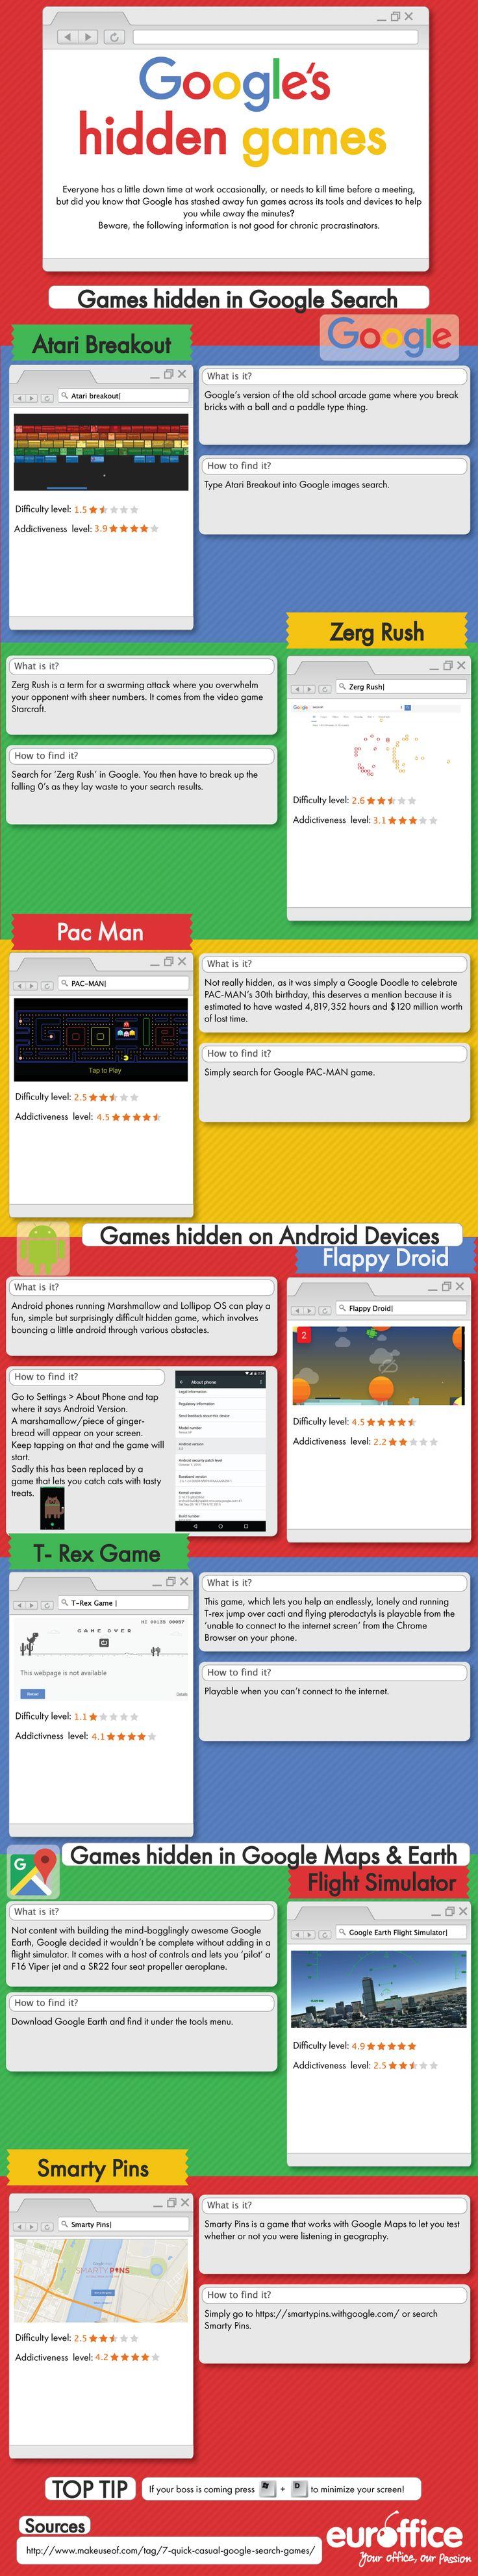 Hola: Una infografía sobreLos juegos ocultos en Google. Vía Un saludo